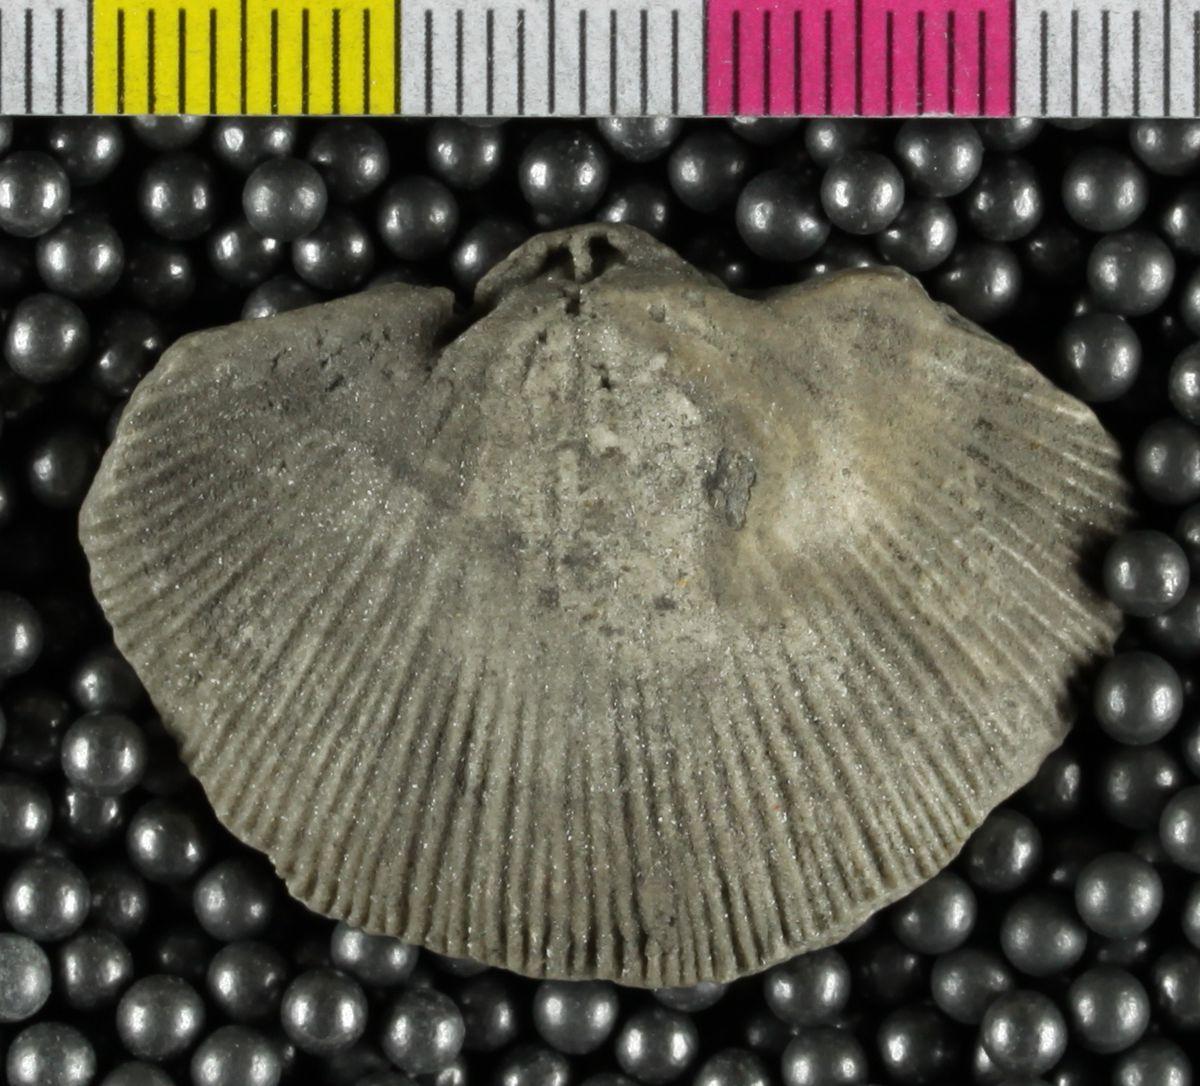 Species: Coolinia subplana (Conrad)